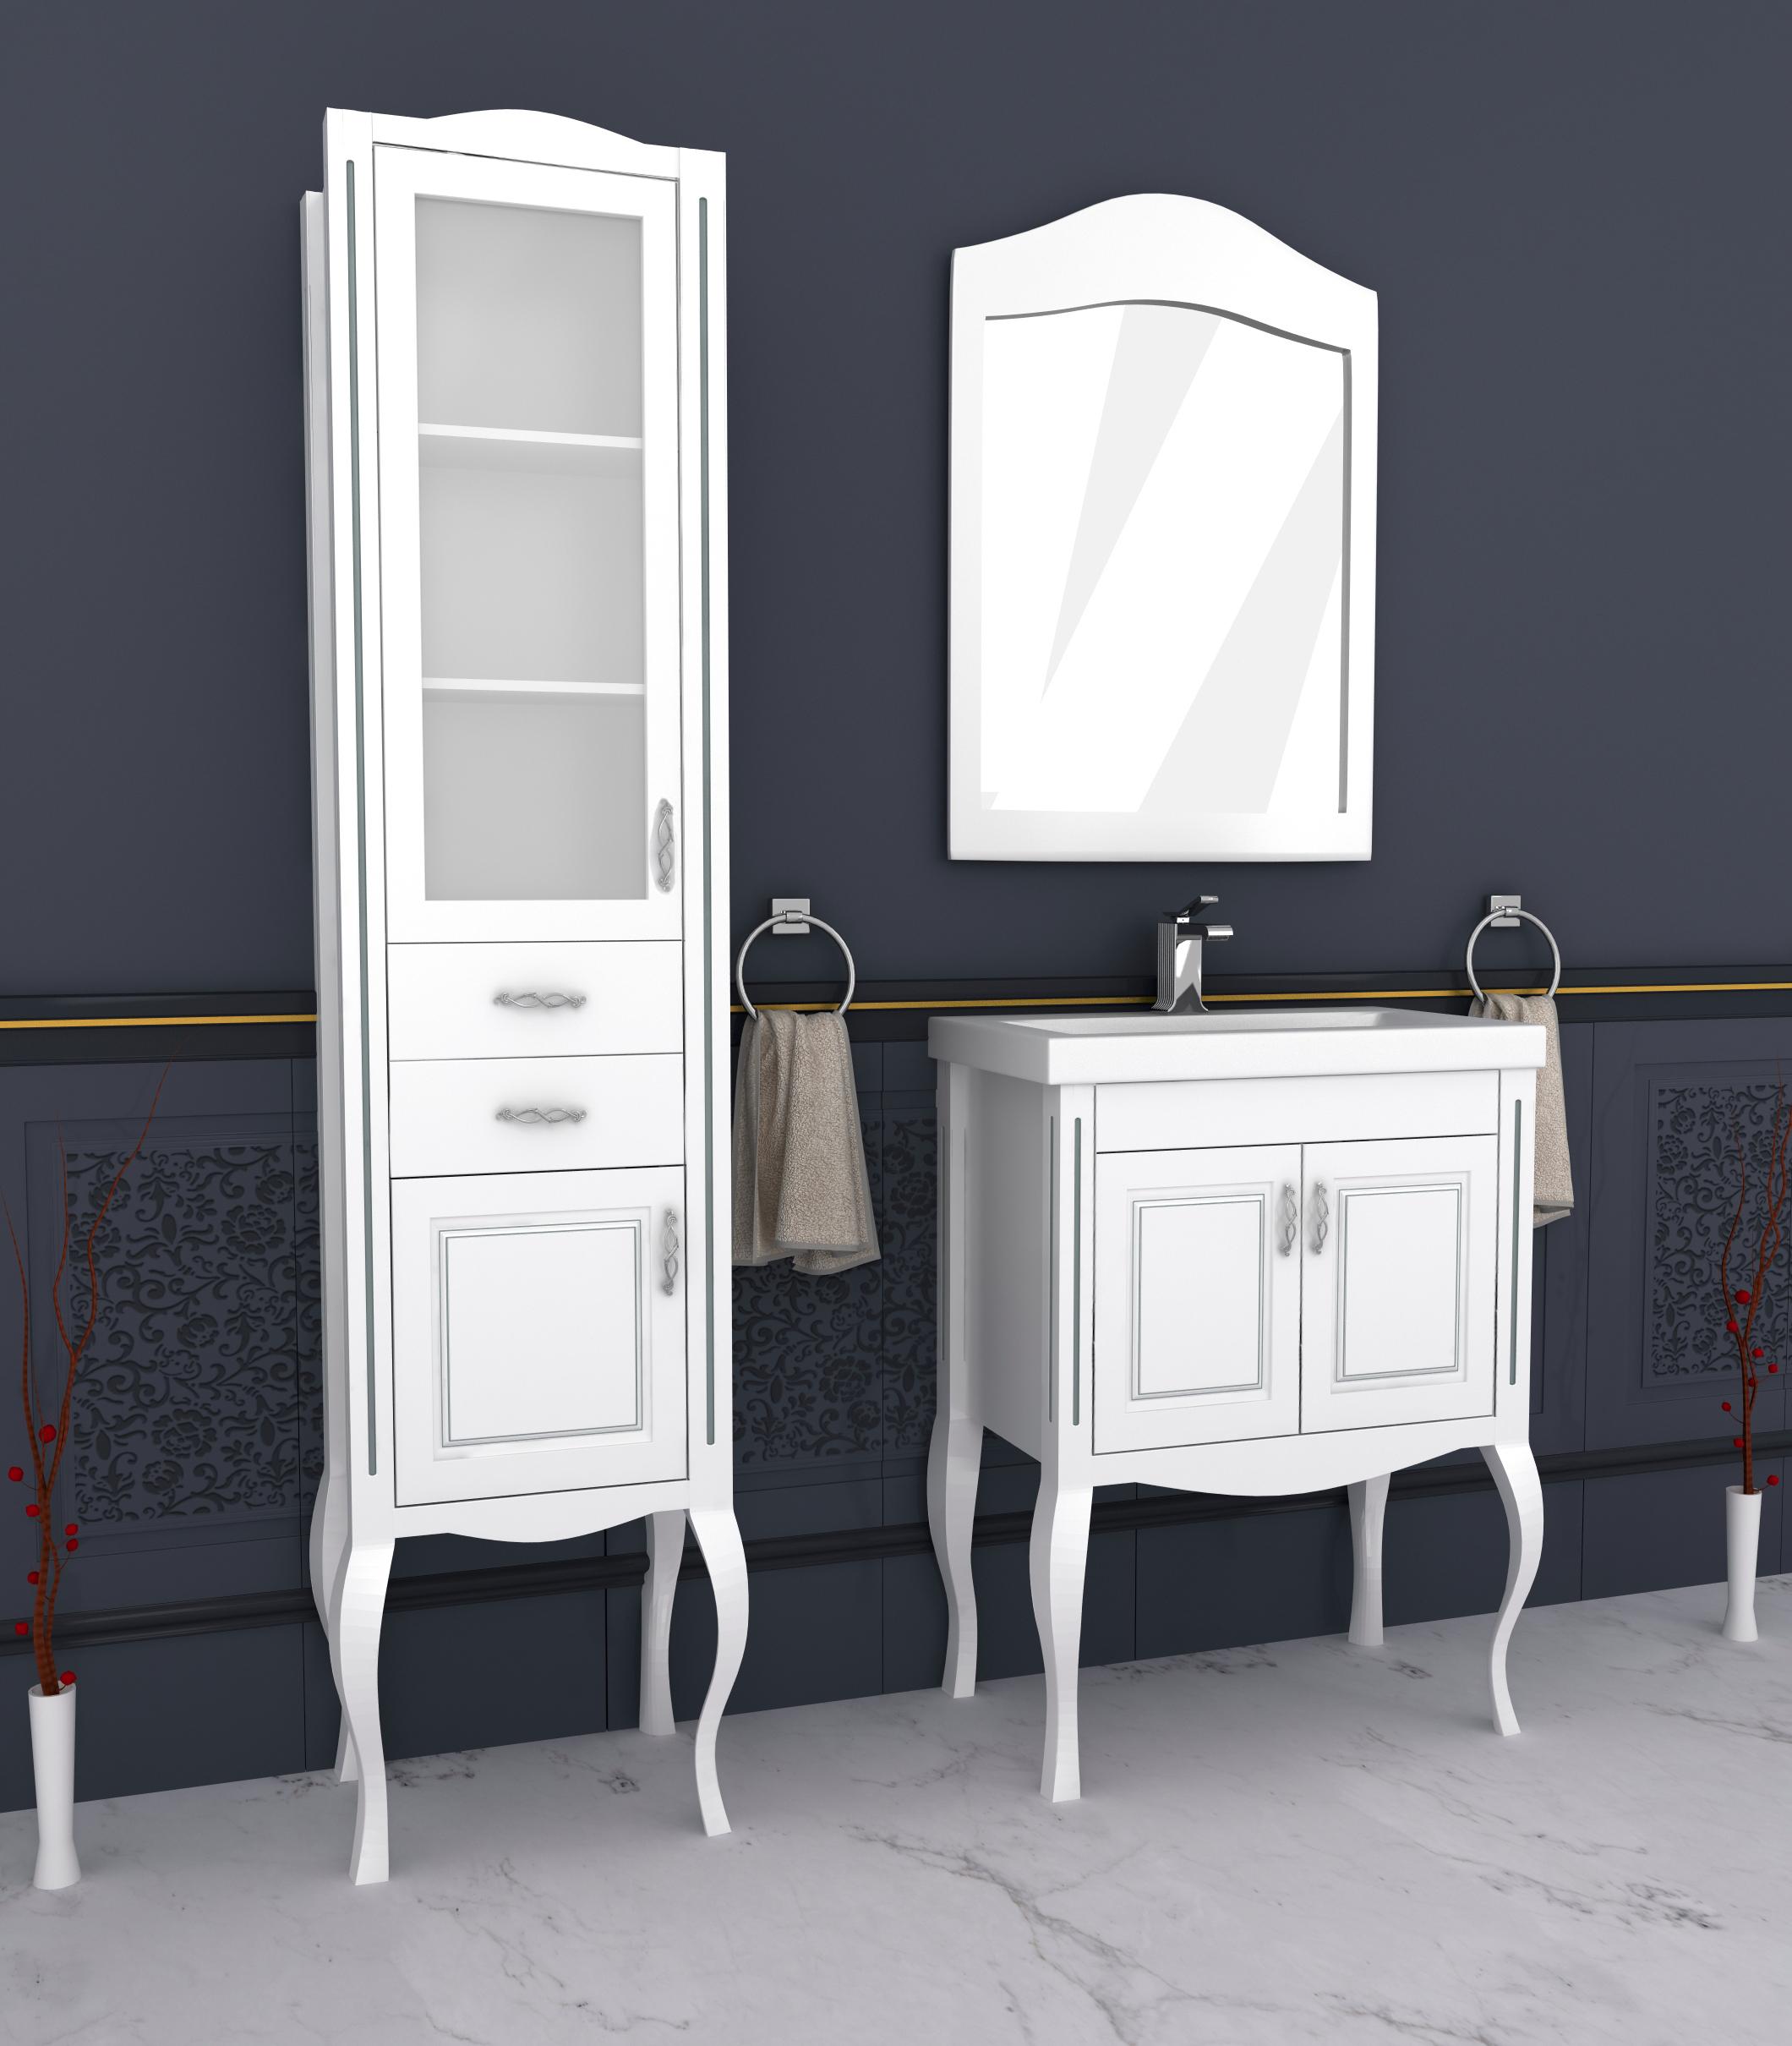 Мебель для ванной по индивидуальным размерам можно заказать у нас!